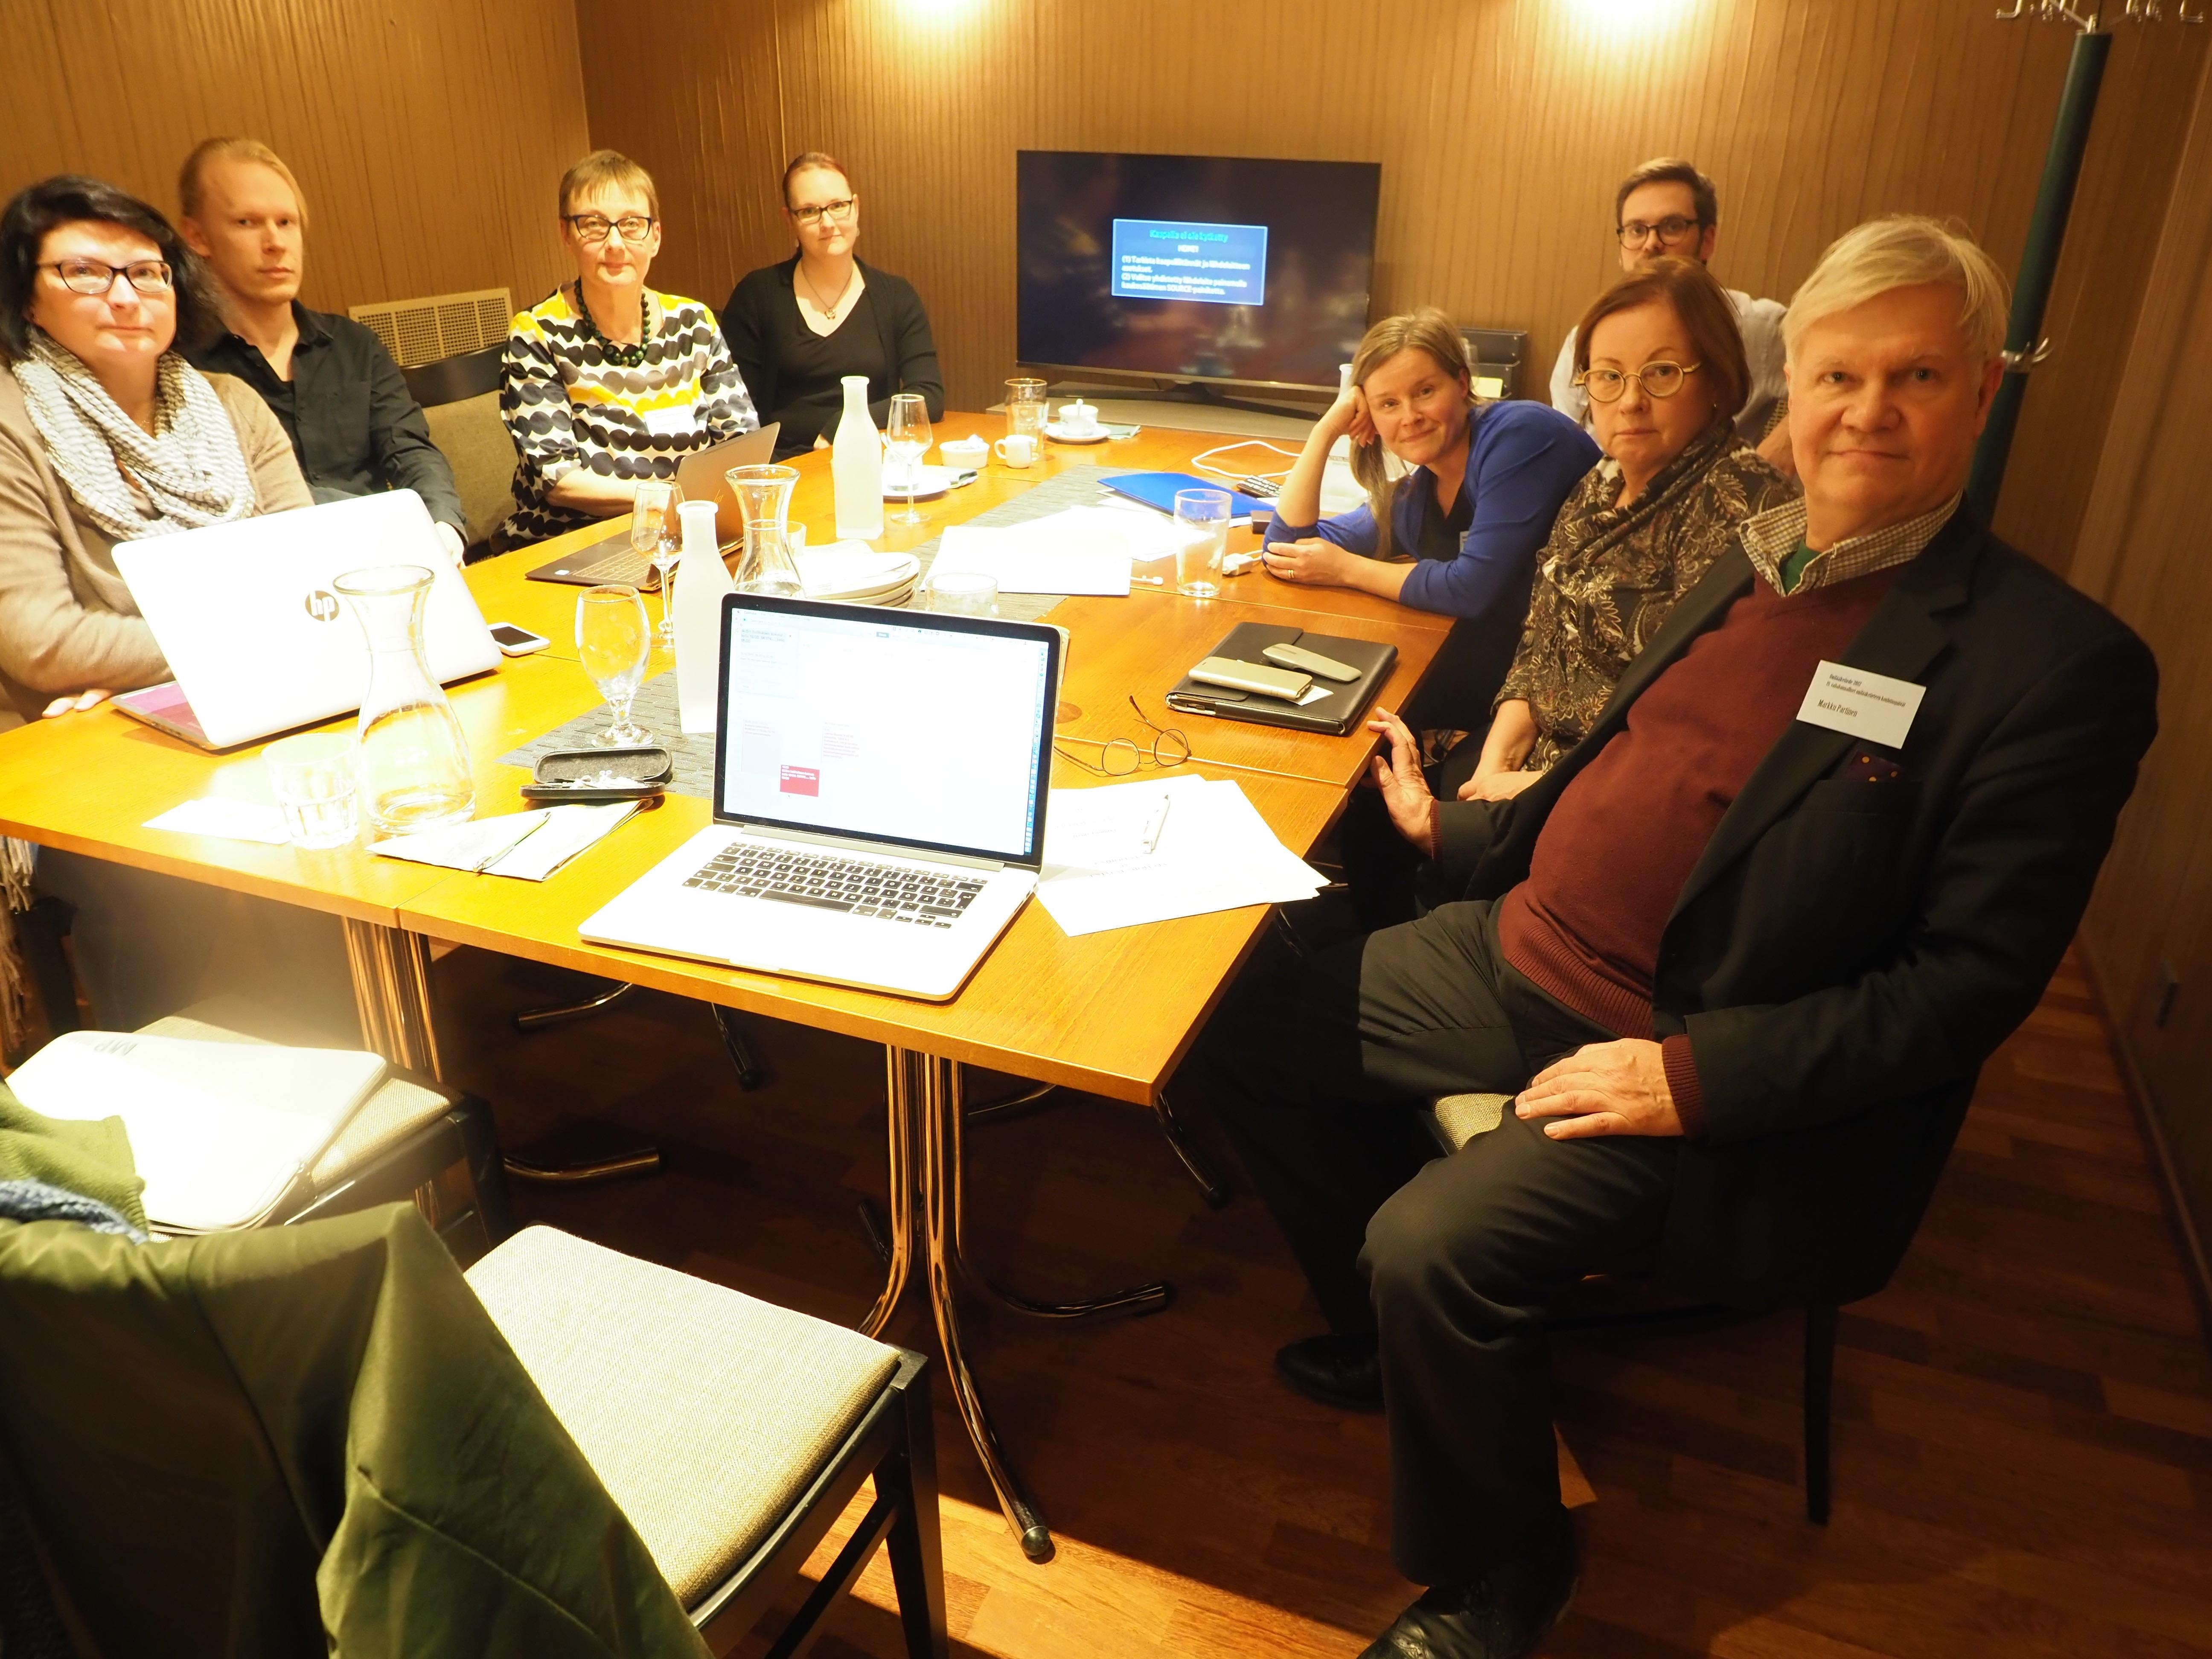 Styrelsemedlemmarna sitter runt ett bord och tittar mot kameran.